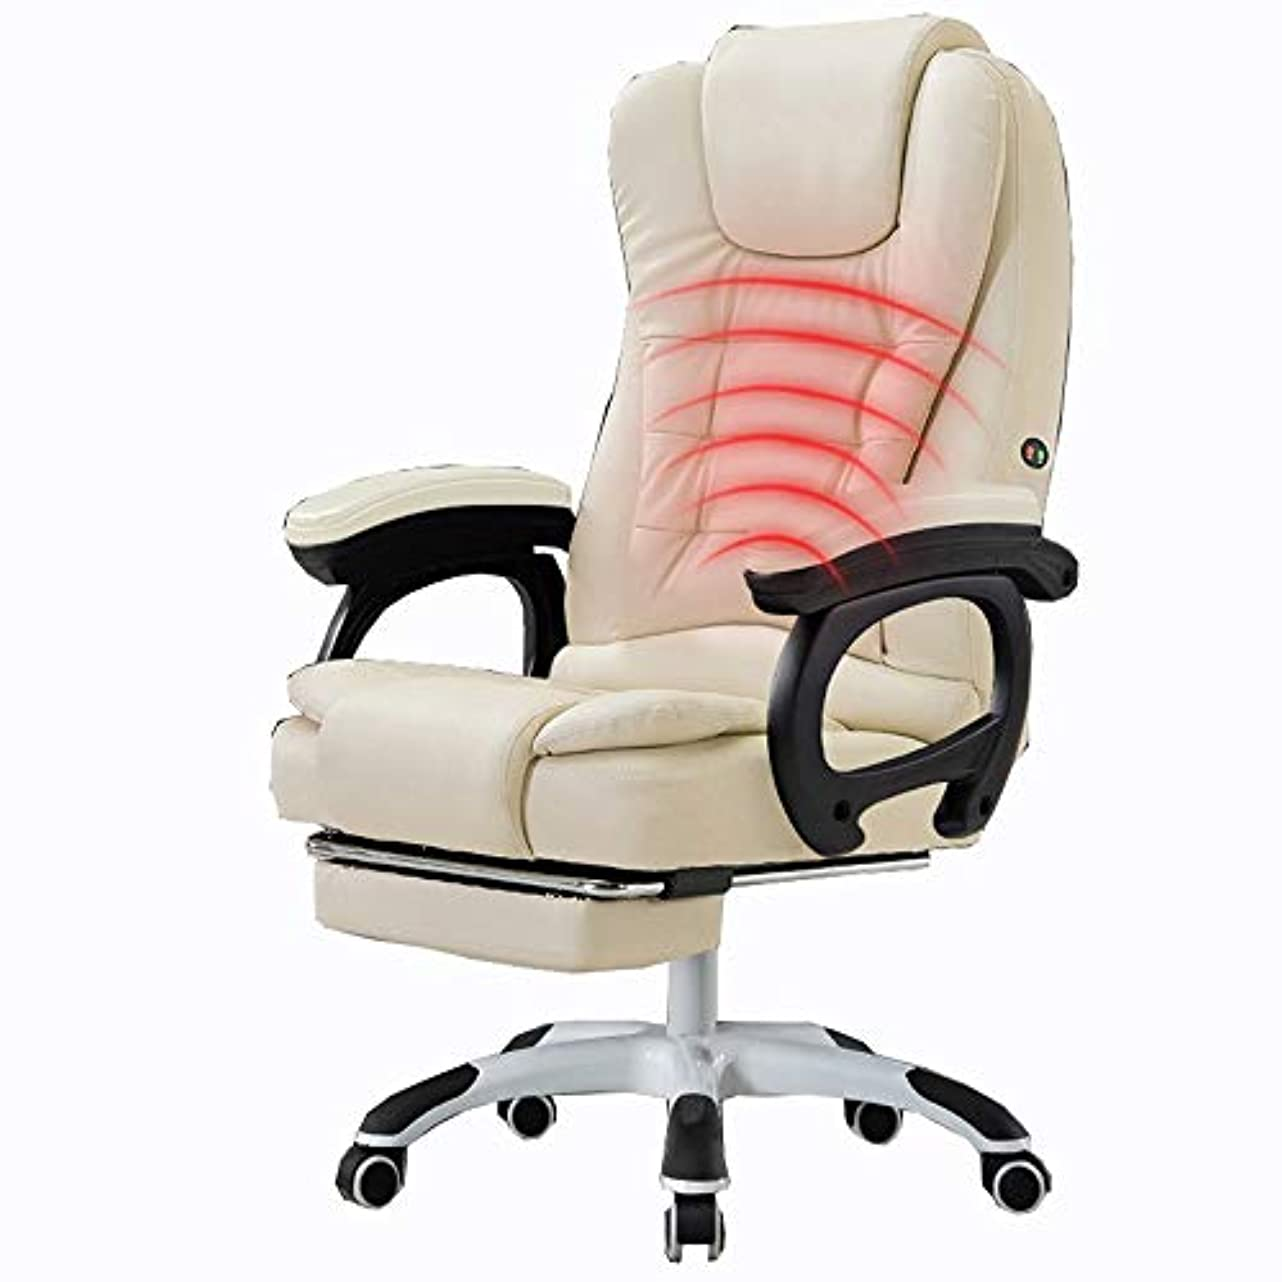 恥ずかしいリー扱いやすいLJFYXZ 社長椅子 約160度リクライニング フットレスト 高さ昇降 肉厚クッション ウエストマッサージ レザー ビジネス デスクチェア ベアリング重量150kg (Color : Beige)